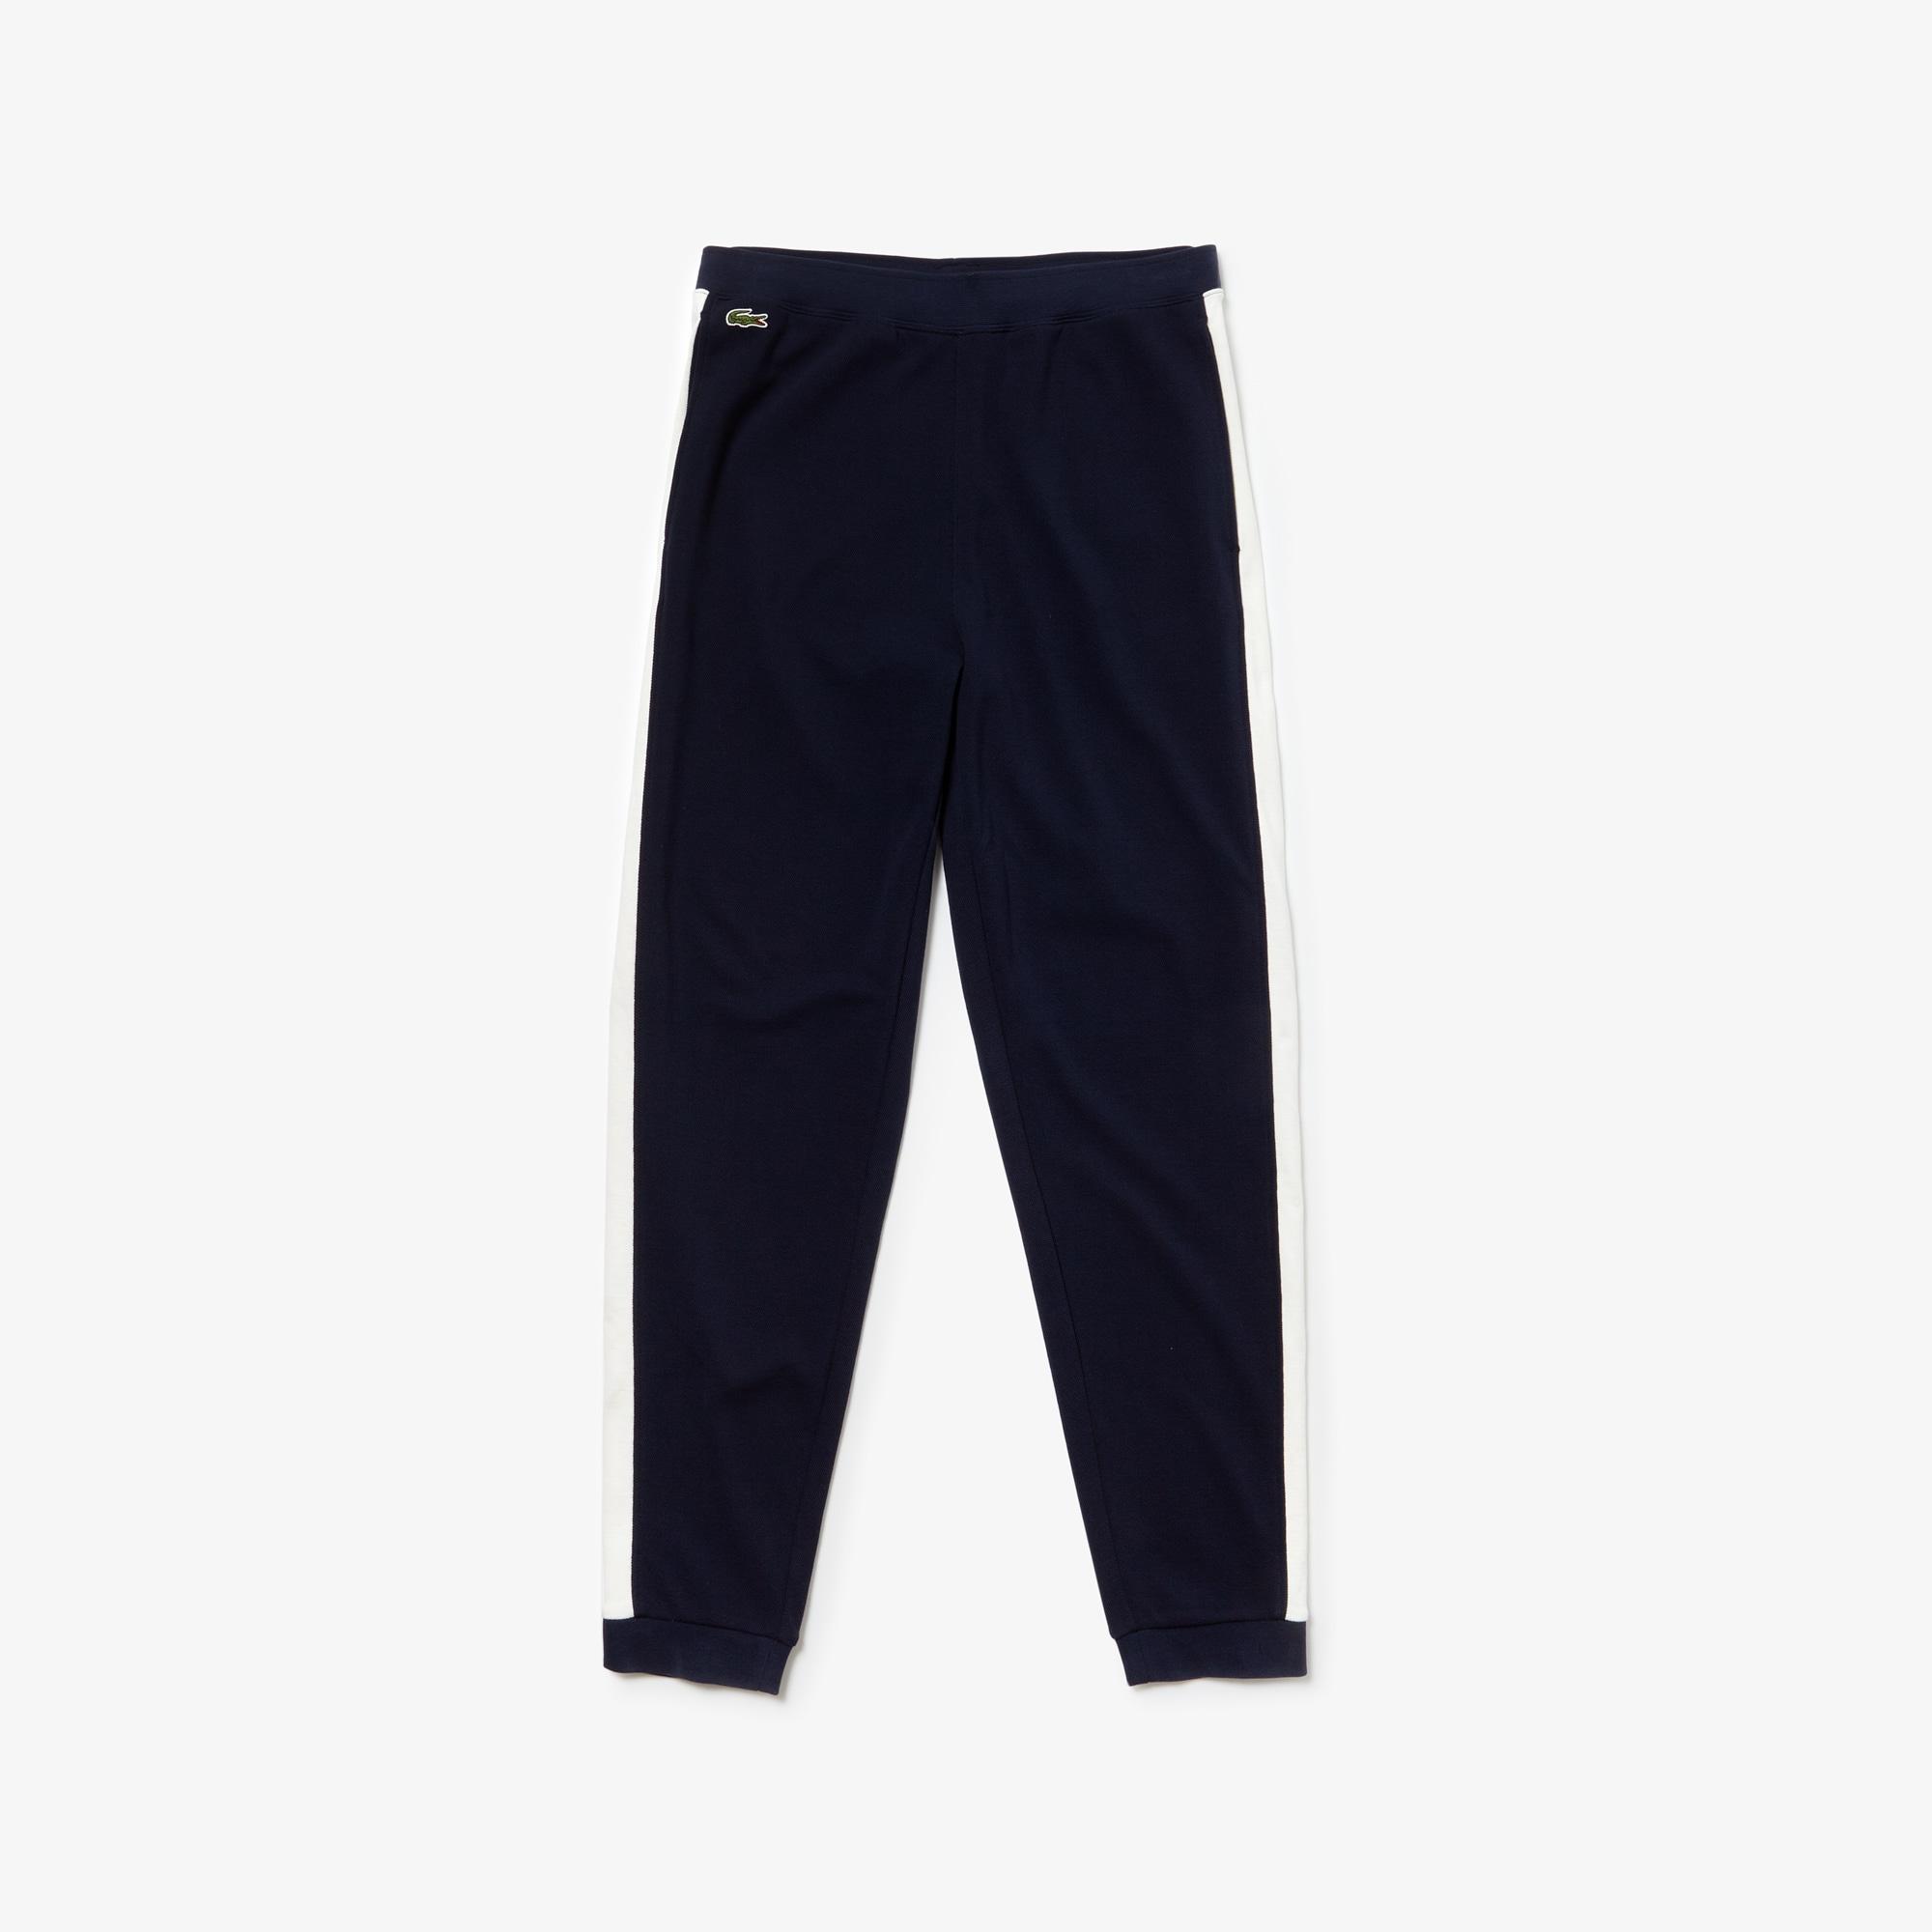 라코스테 Lacoste Mens Pique Fleece Sweatpants,Navy Blue / White